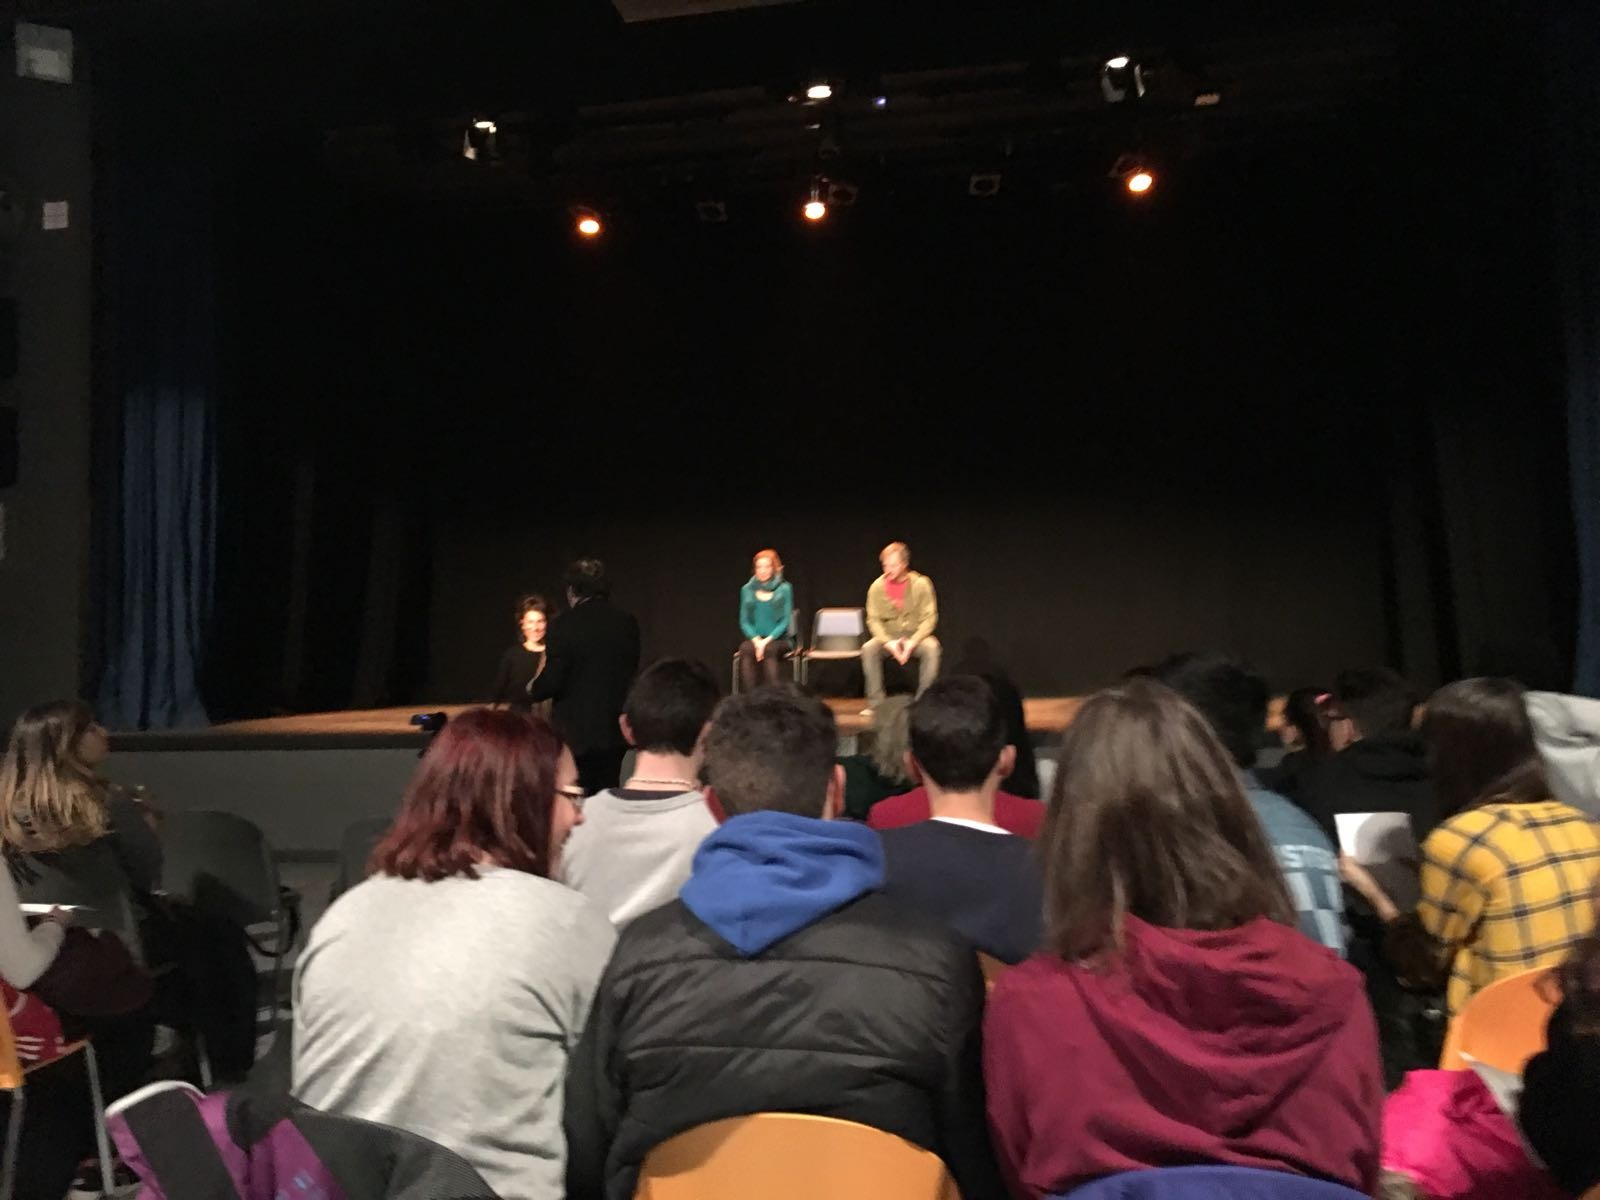 Amor en escena - Si es amor, no duele - Taller de teatro para la prevención de la violencia de género - Teatro que cura 1